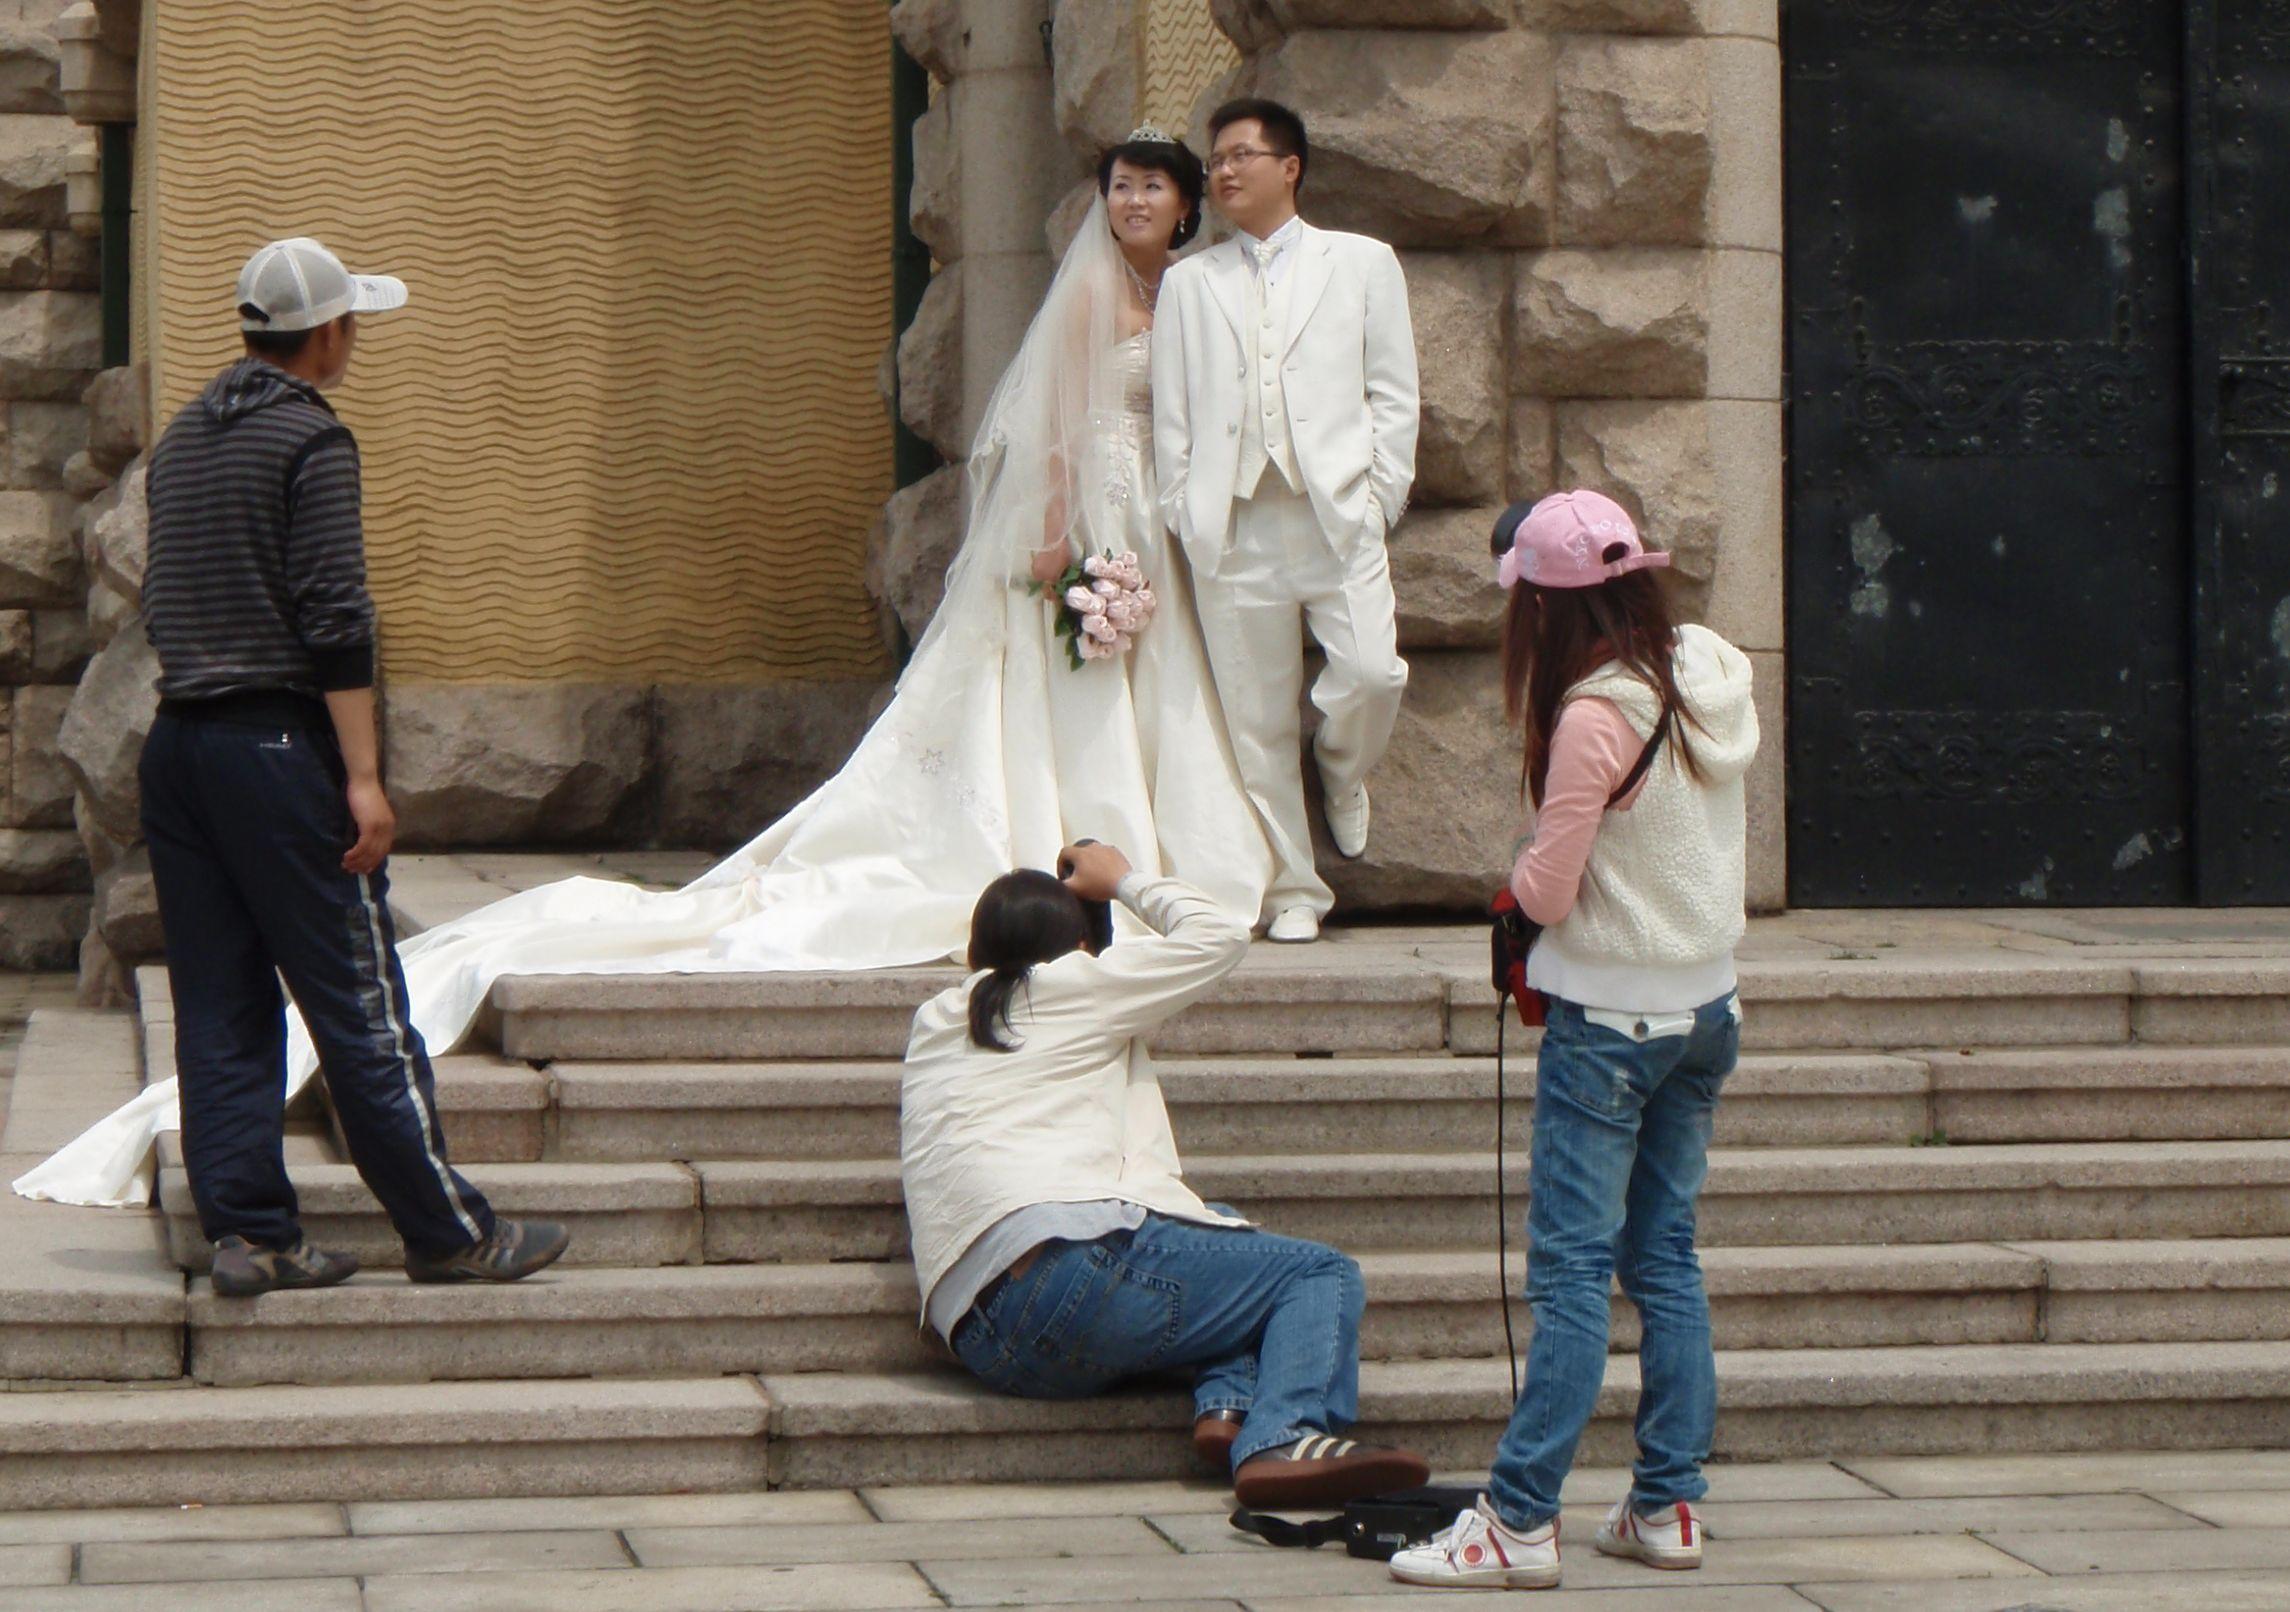 Hochzeits-Fotoshooting in Qingdao – Aufwendige Bilder gehören für viele chinesische Paare zur Eheschließung dazu. © Lisa Krauss